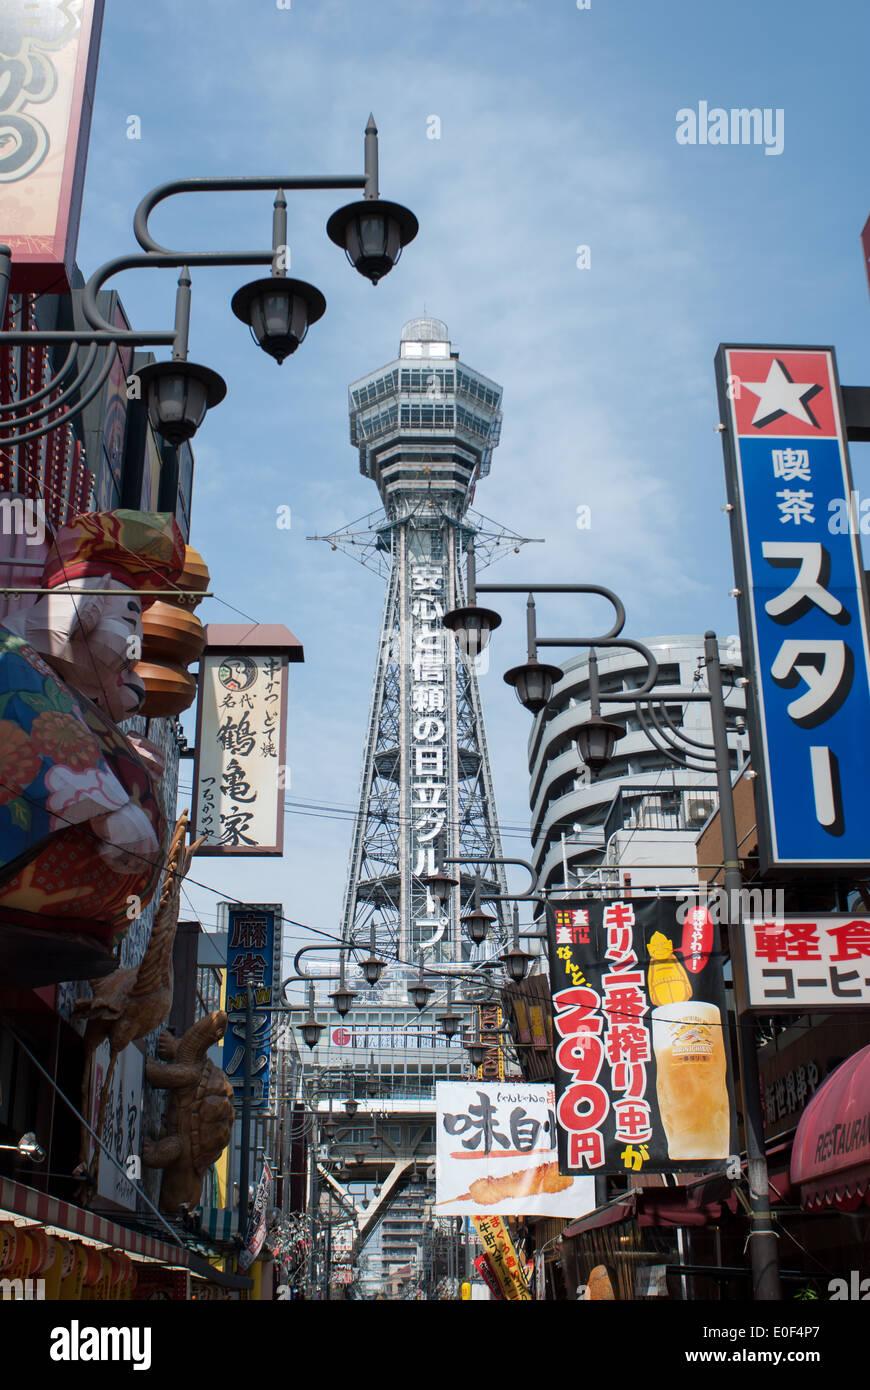 Shinsekai, Osaka, Japan - Stock Image